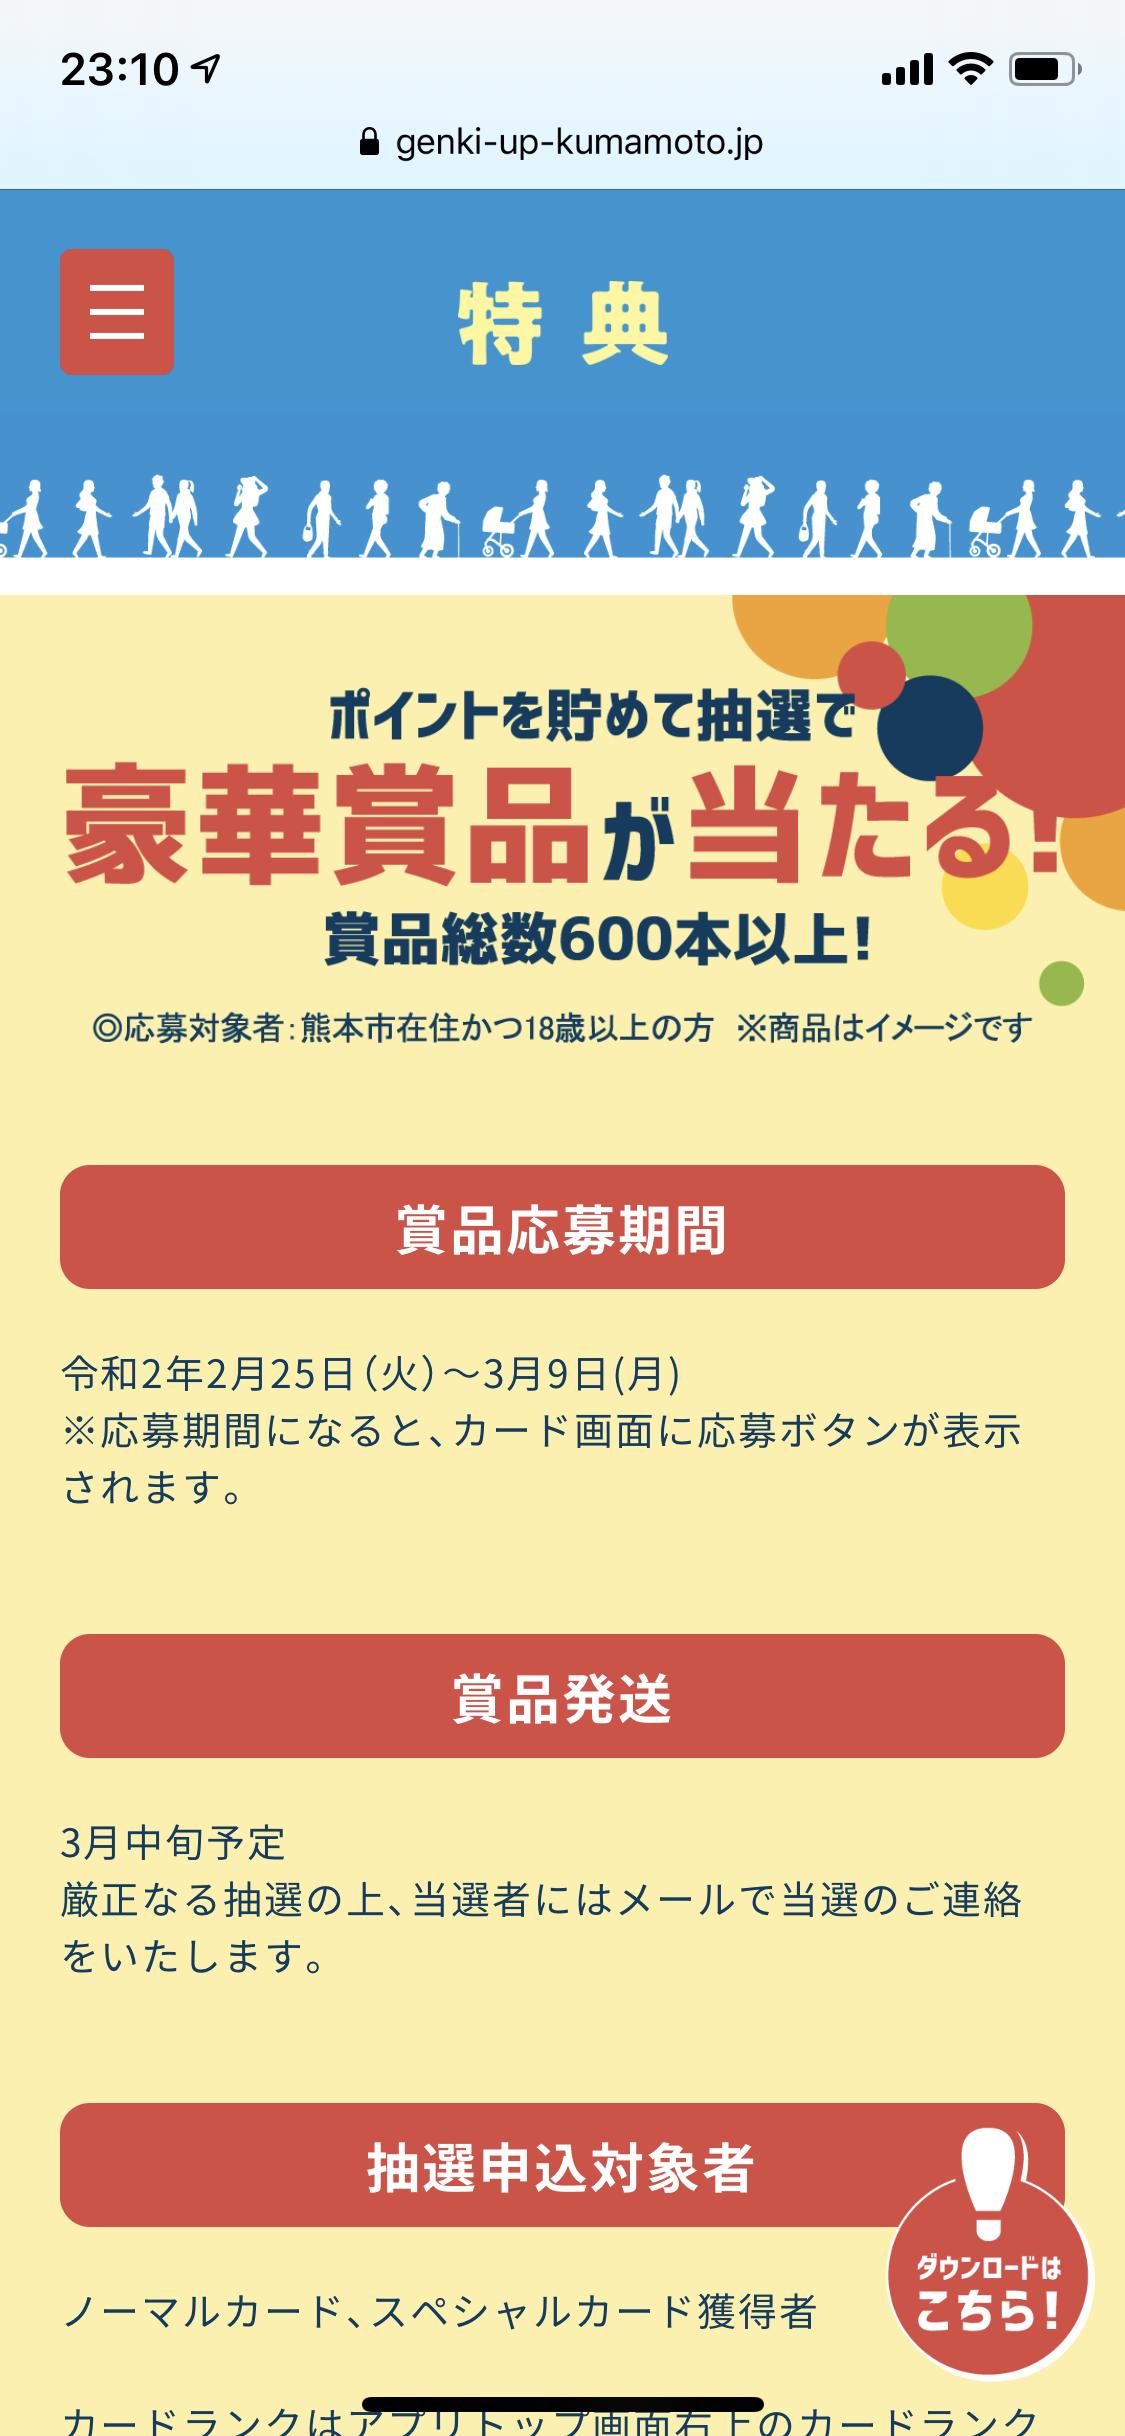 熊本 かじ クリニック